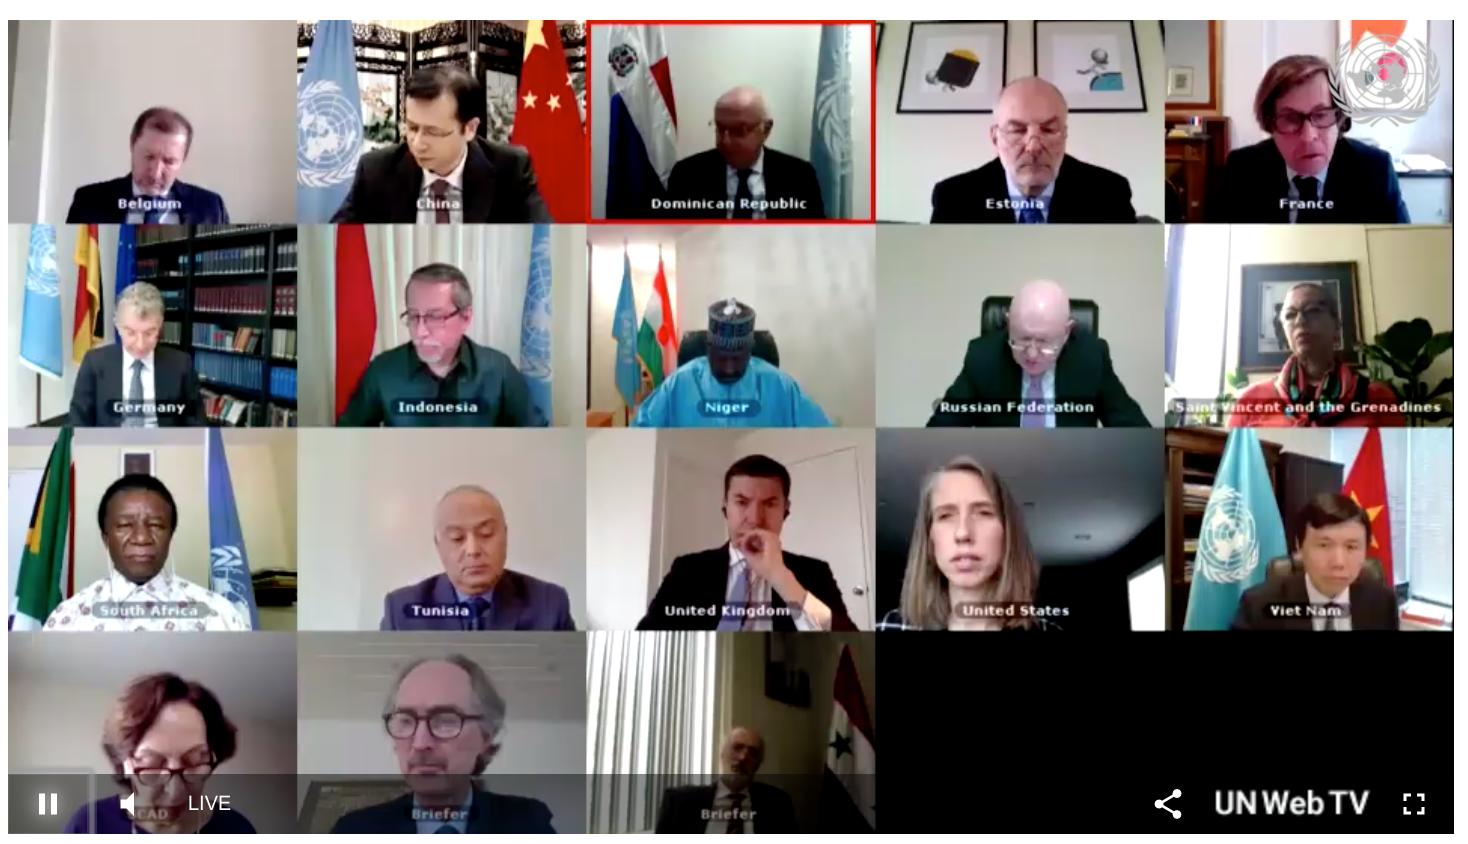 COVID-19 ảnh hưởng tiêu cực đến các nỗ lực chính trị và nhân đạo tại Syria